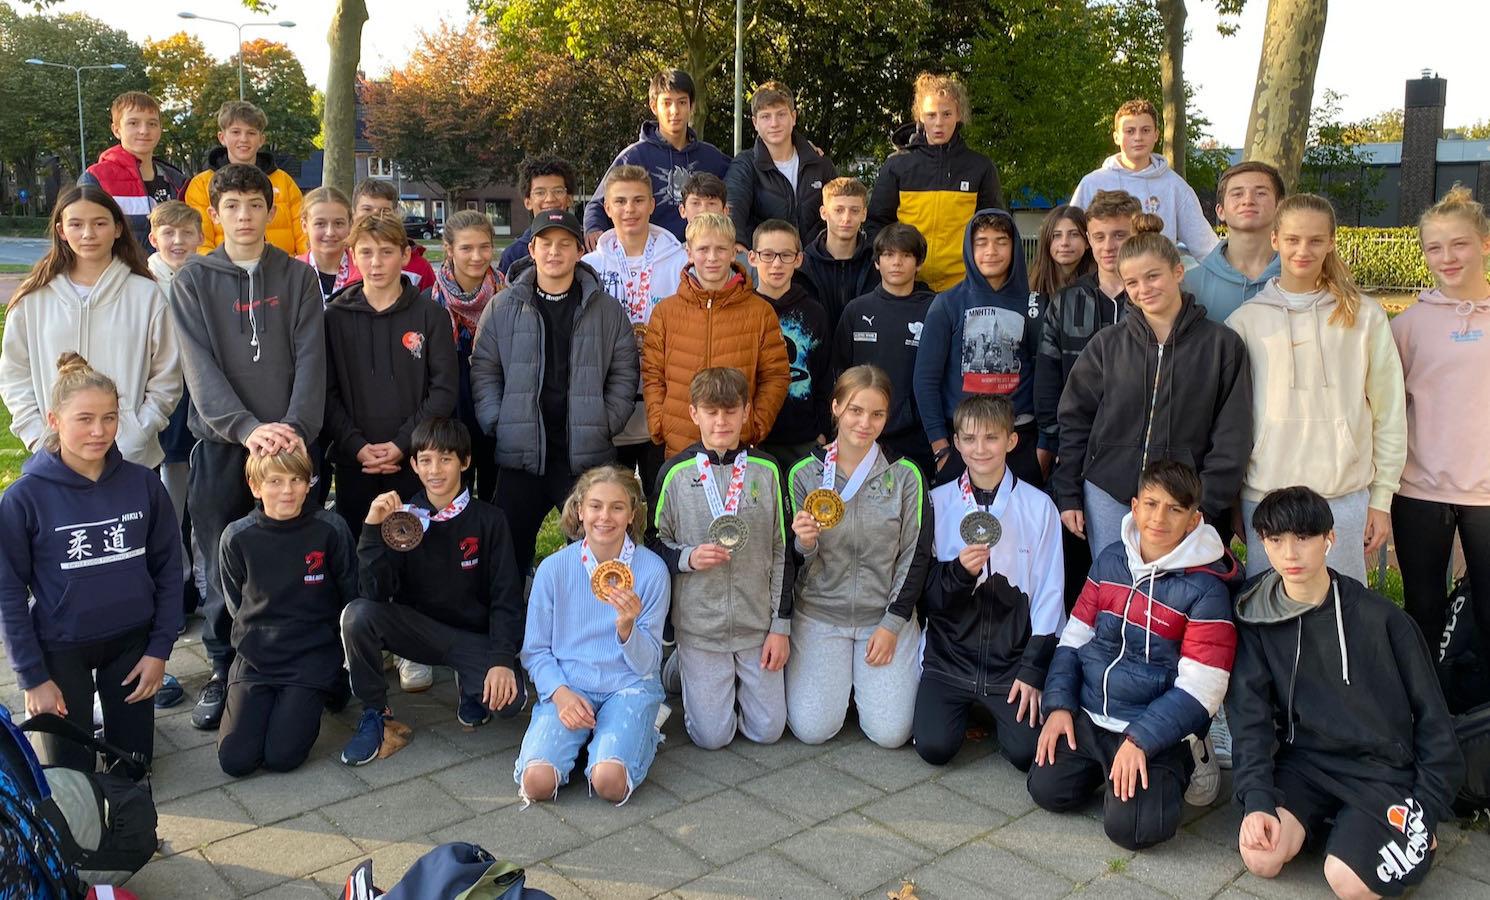 Internationales Turnier in Venray Holland